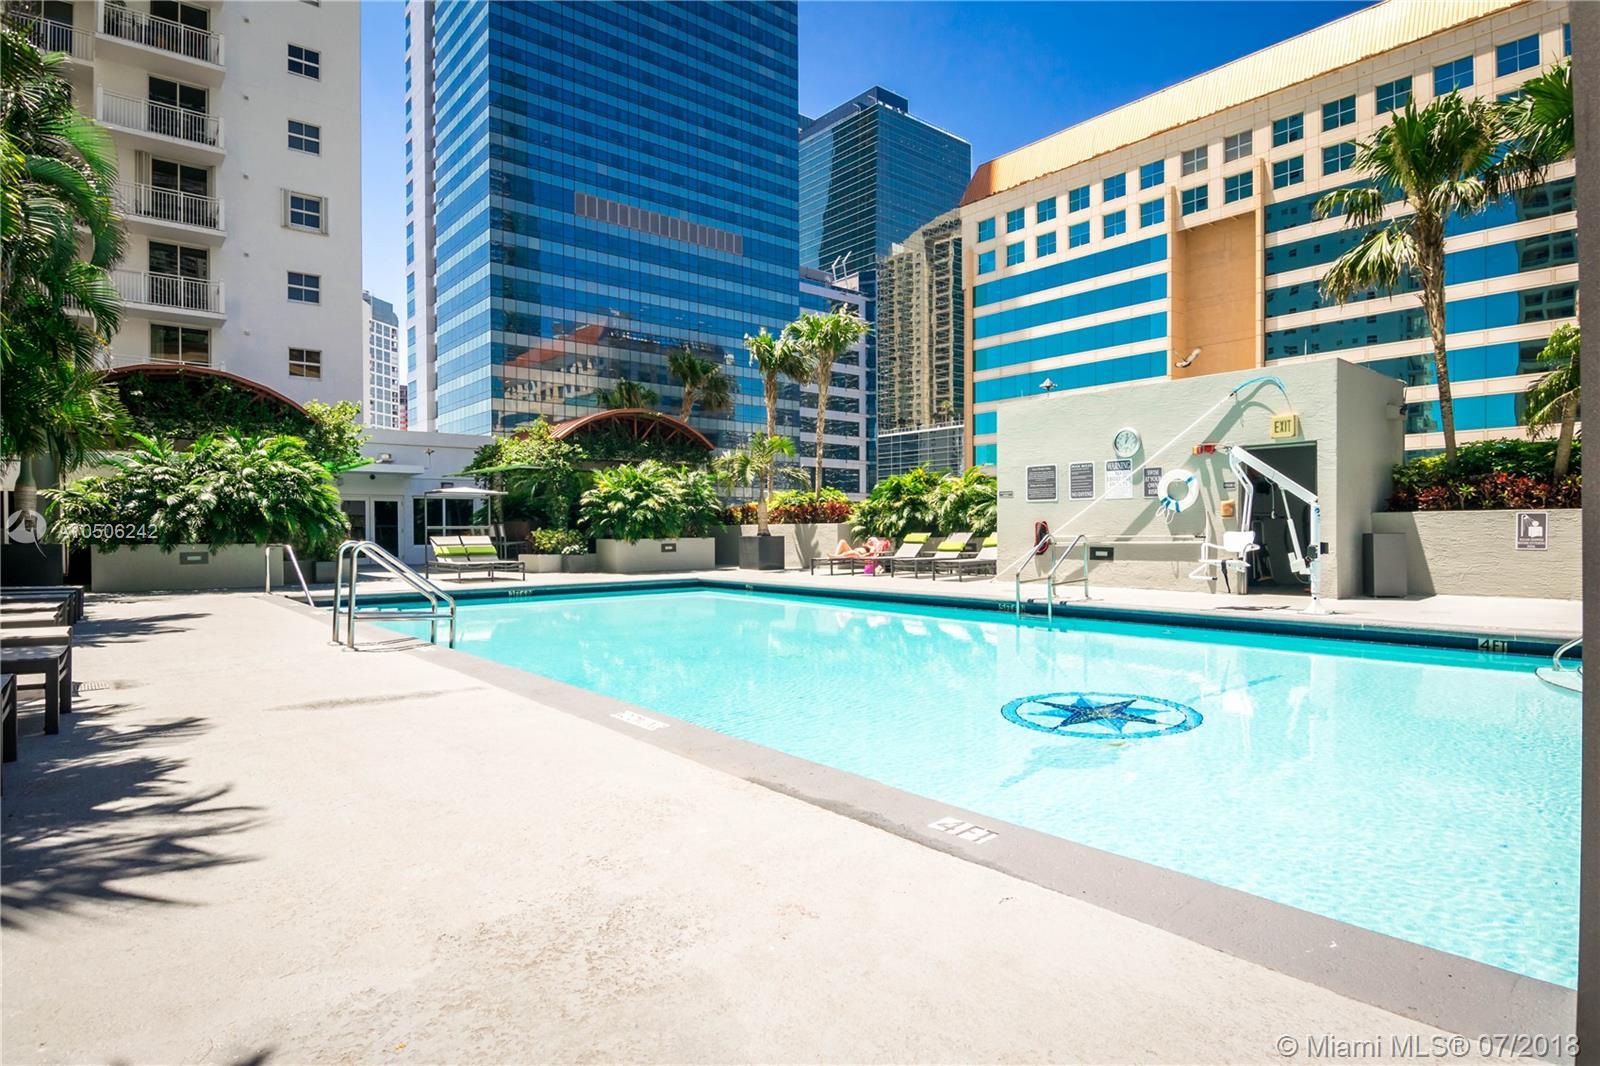 185 Southeast 14th Terrace, Miami, FL 33131, Fortune House #1812, Brickell, Miami A10506242 image #19